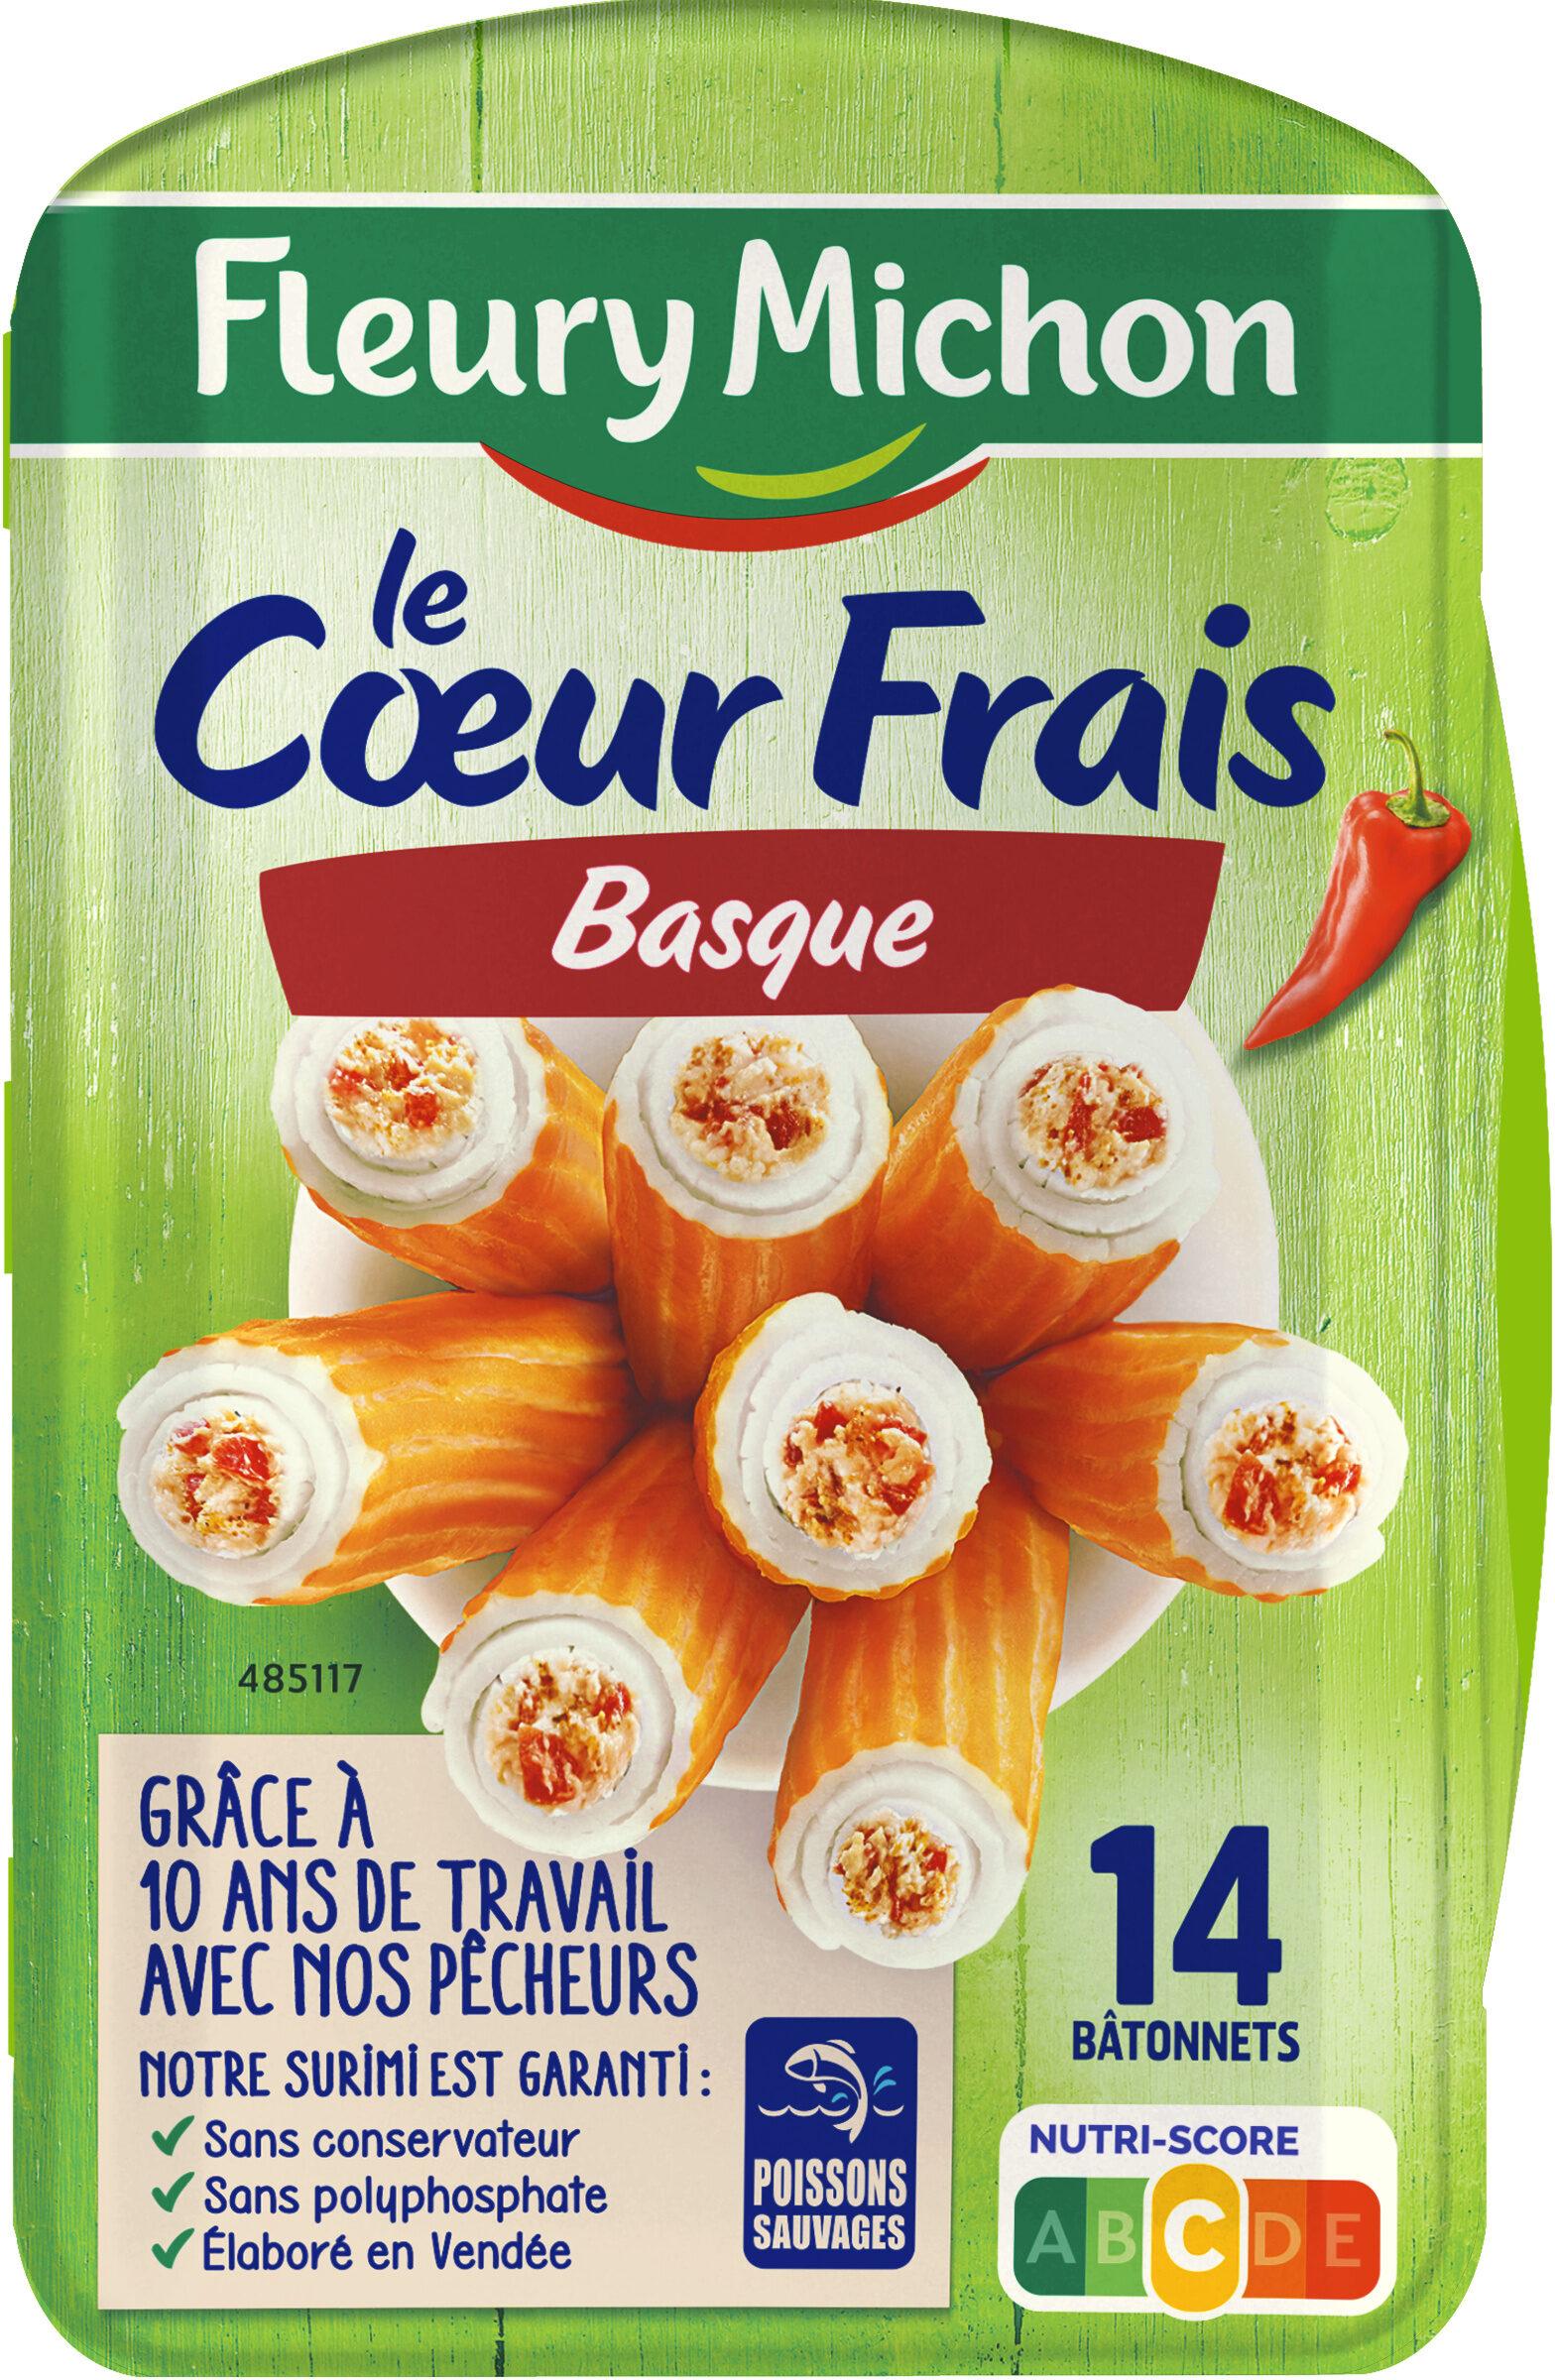 Le Coeur Frais Basque au piment d'Espelette - 14 bâtonnets - Product